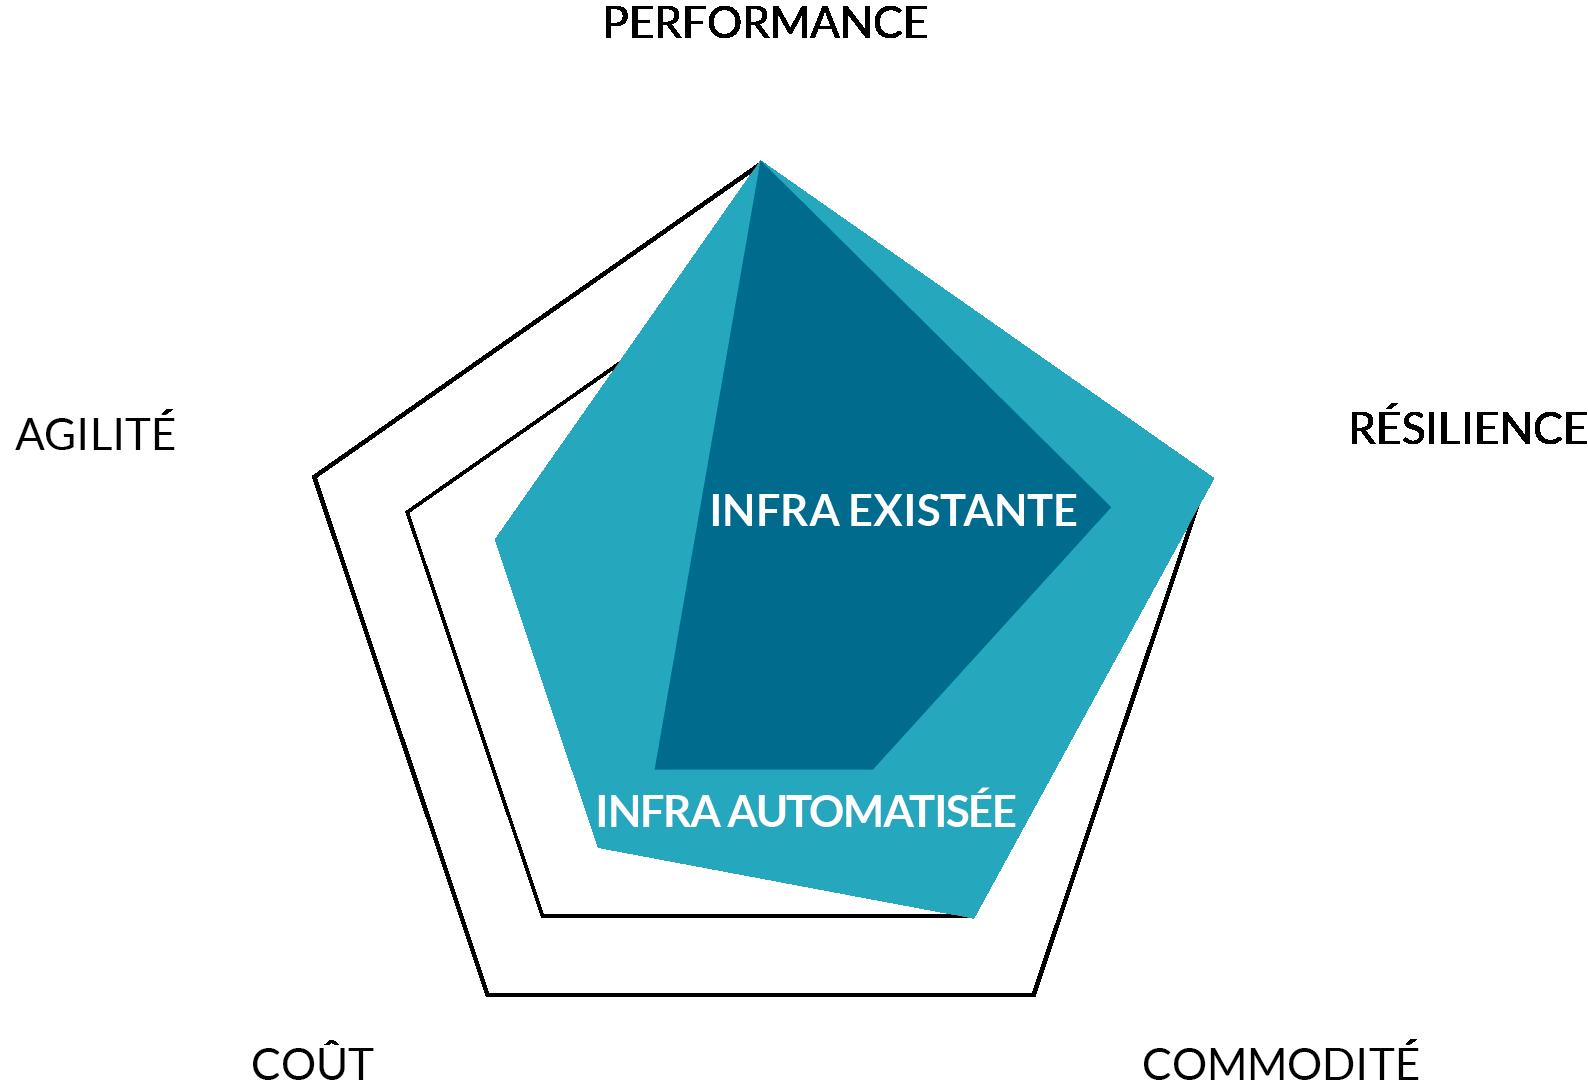 Automatiser des infrastructures existantes permet d'améliorer la qualité du service selon plusieurs axes